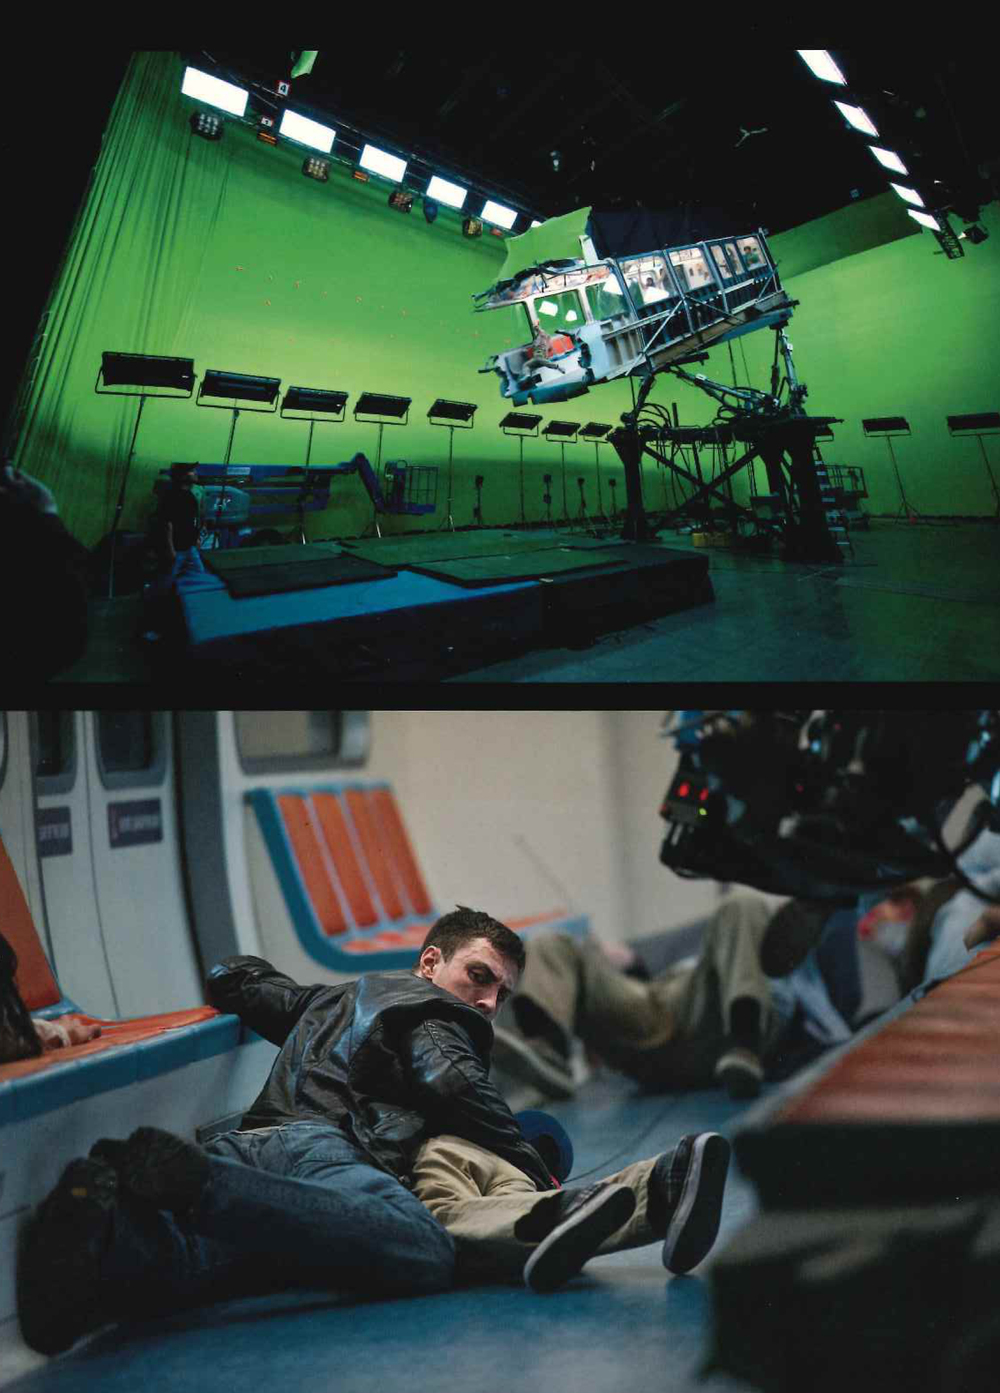 Imágenes del set de rodaje. Secuencia del ataque al monorail.